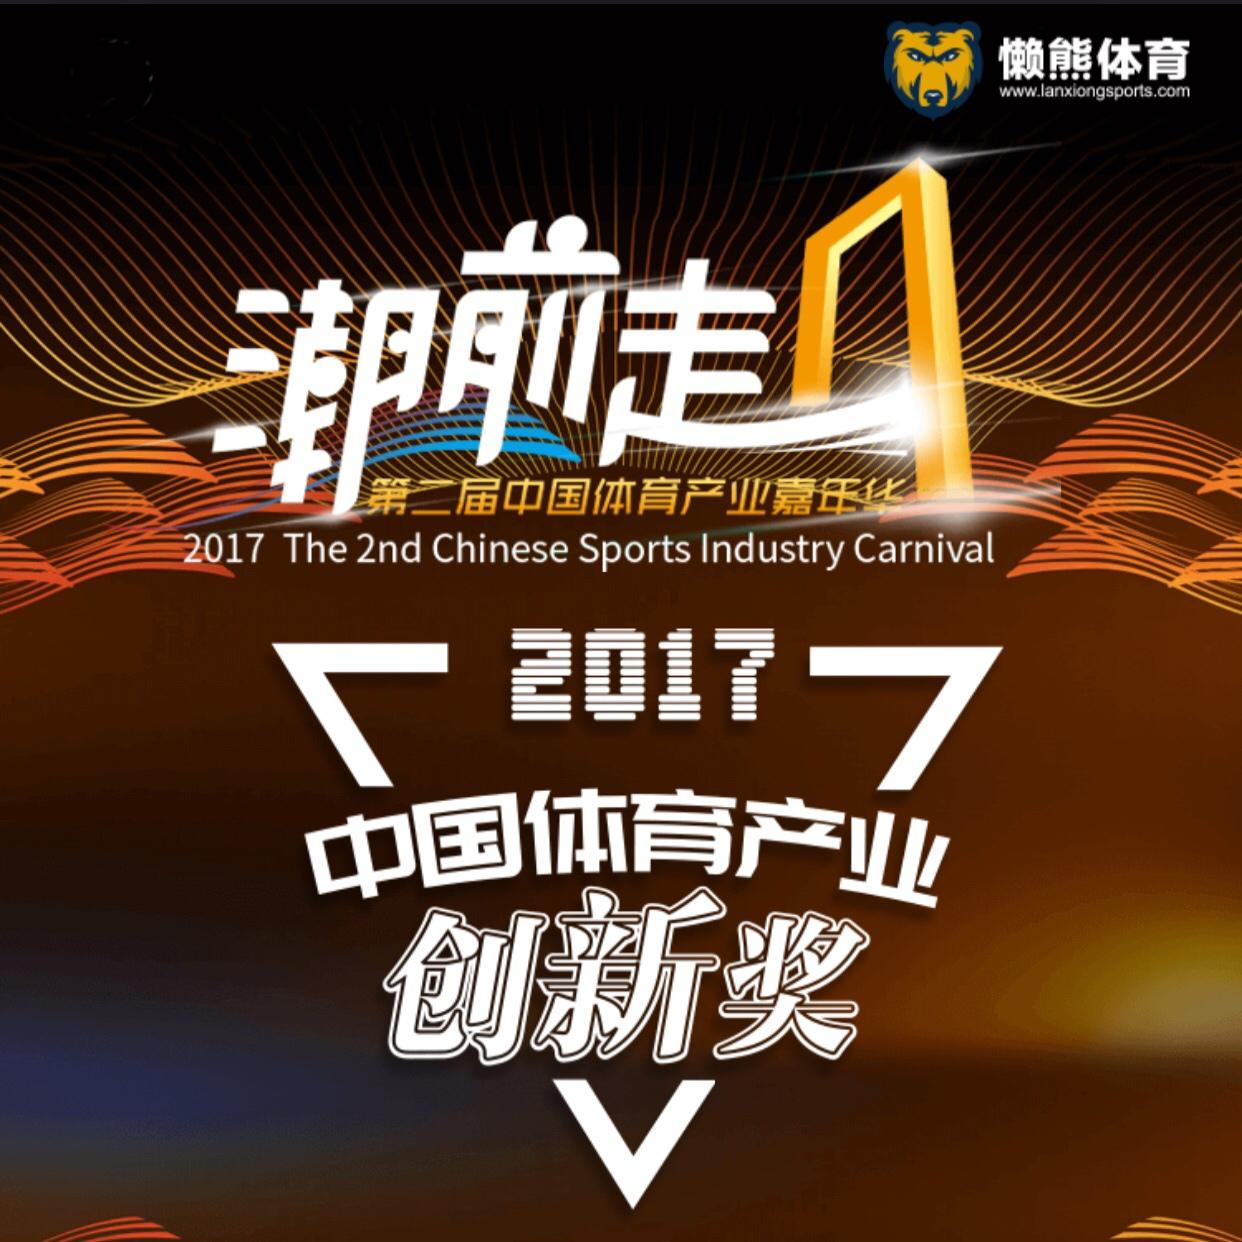 倒计时仅剩10天,中国体育产业创新势力即将与你见面!